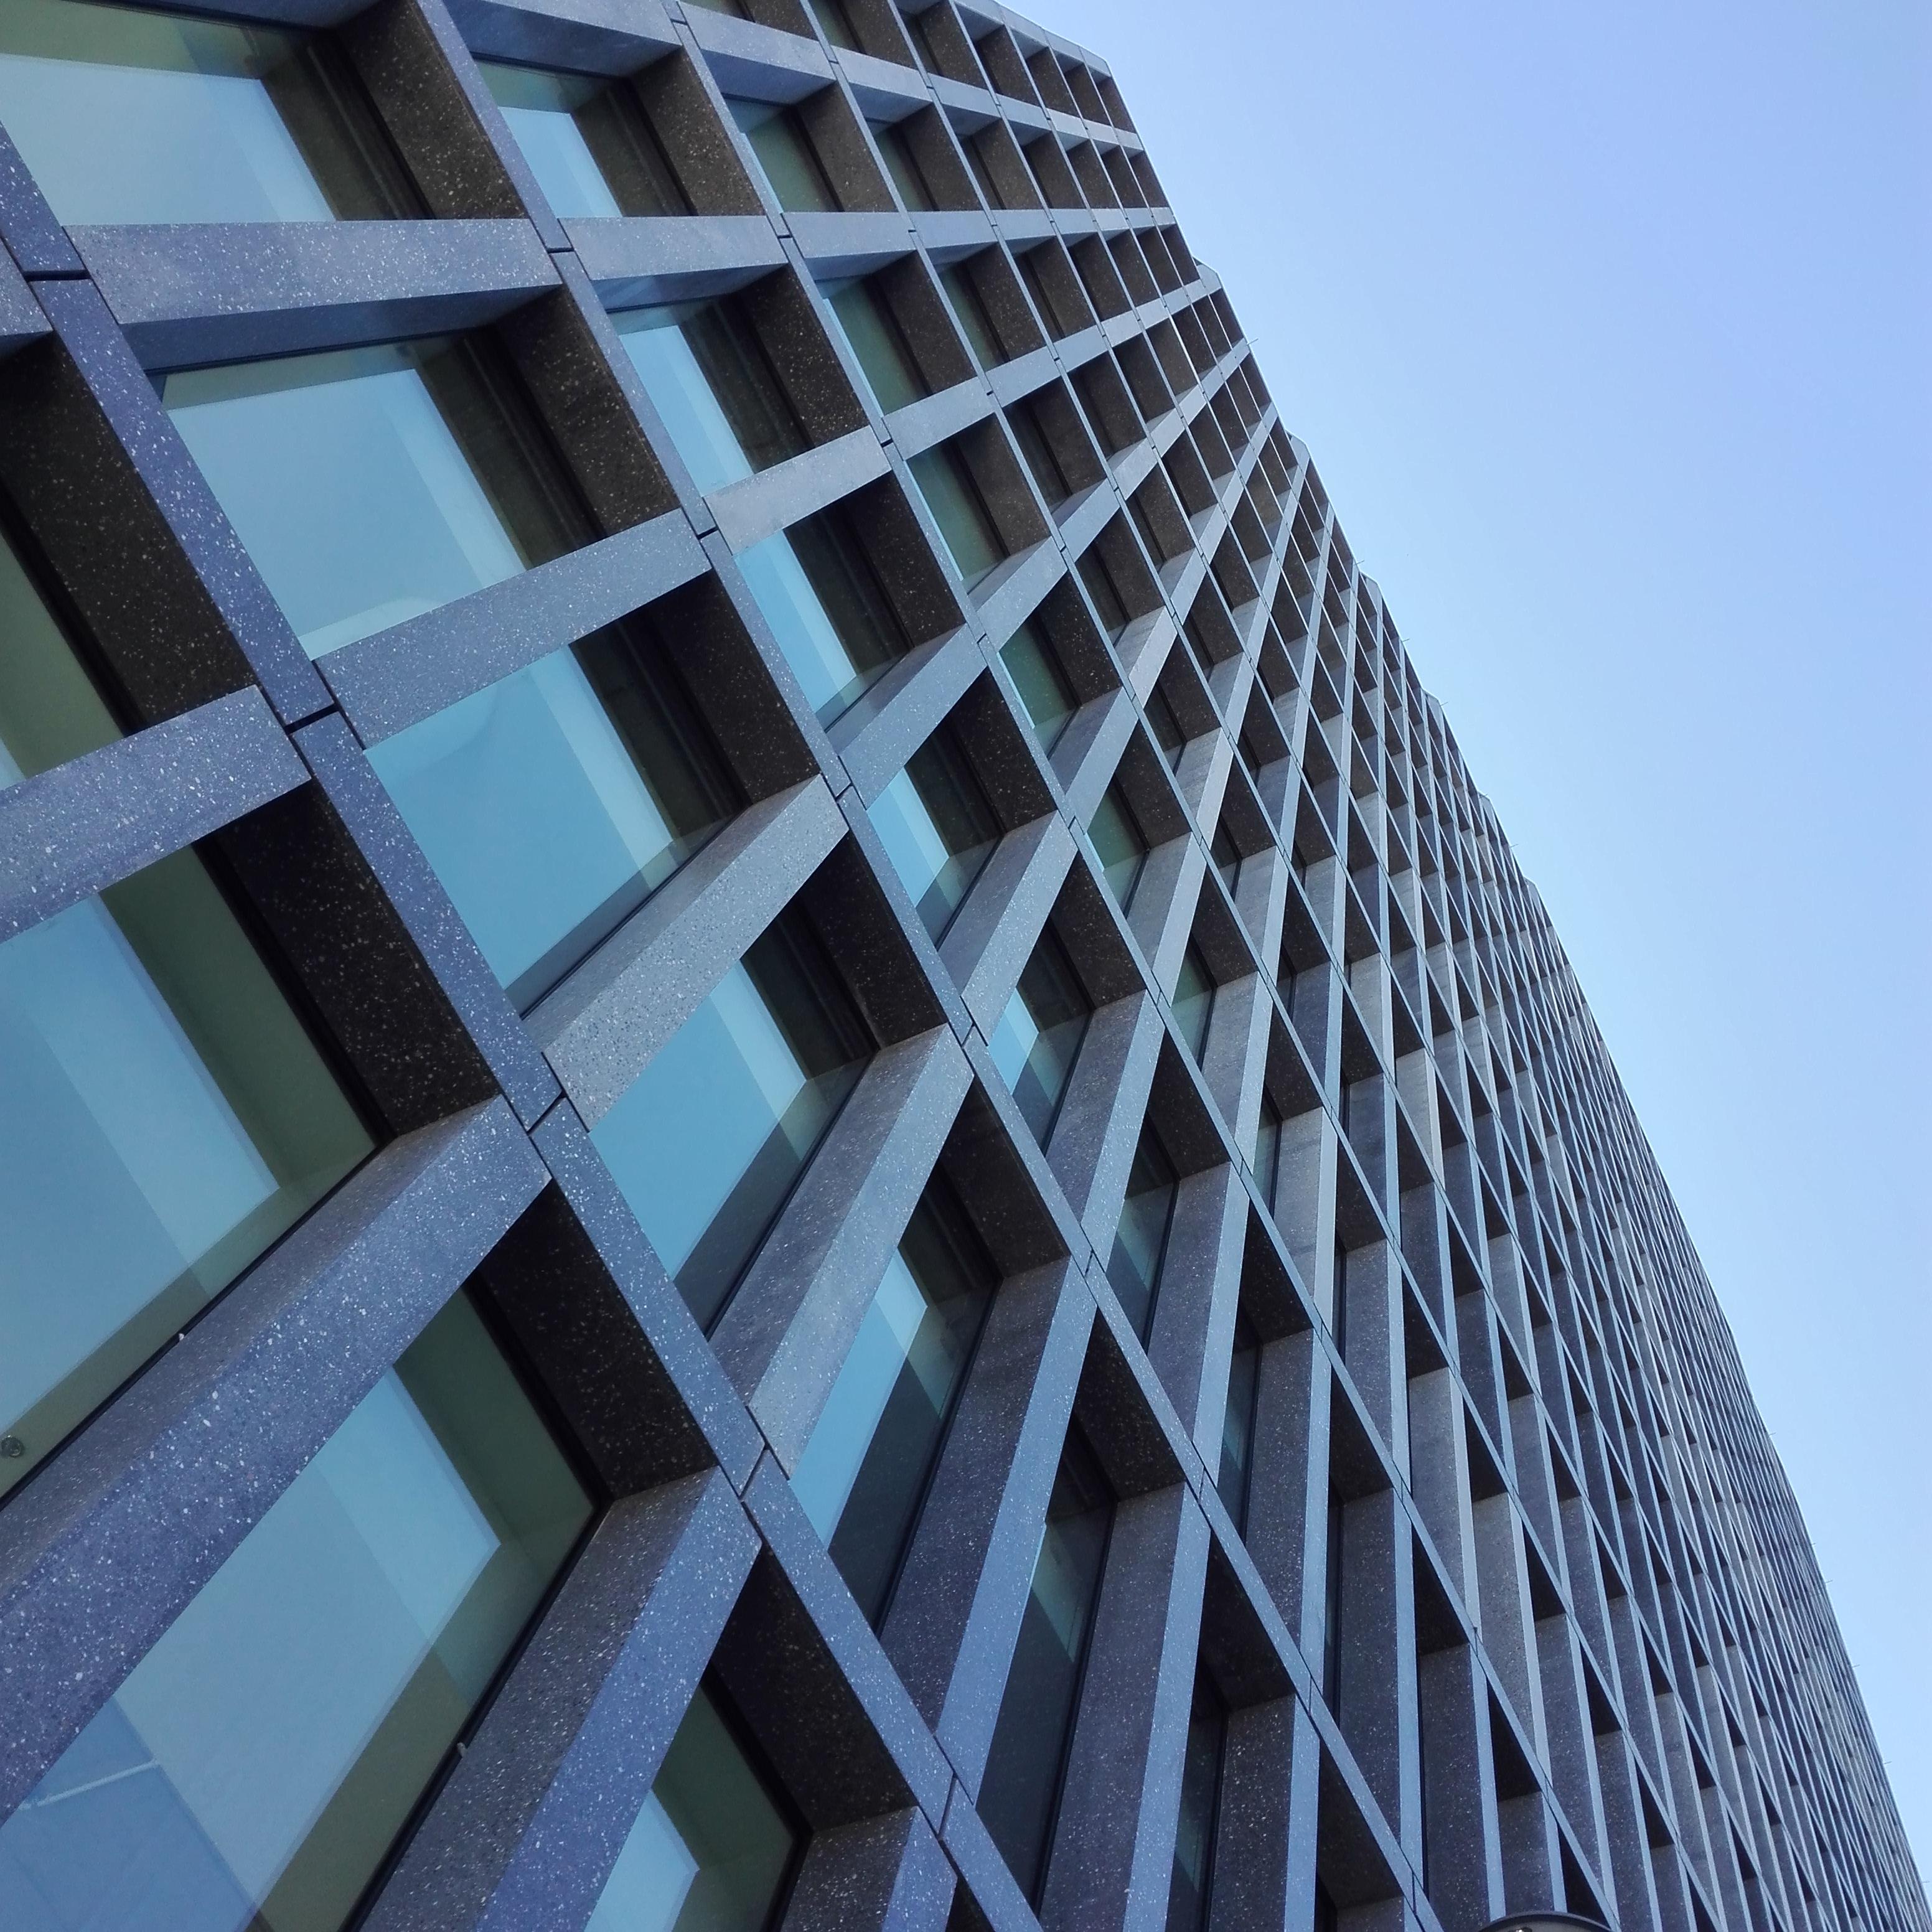 Elewacja Bałtyku została indywidualnie przygotowana dla tego projektu. Jest to beton przypominający fakturą granit